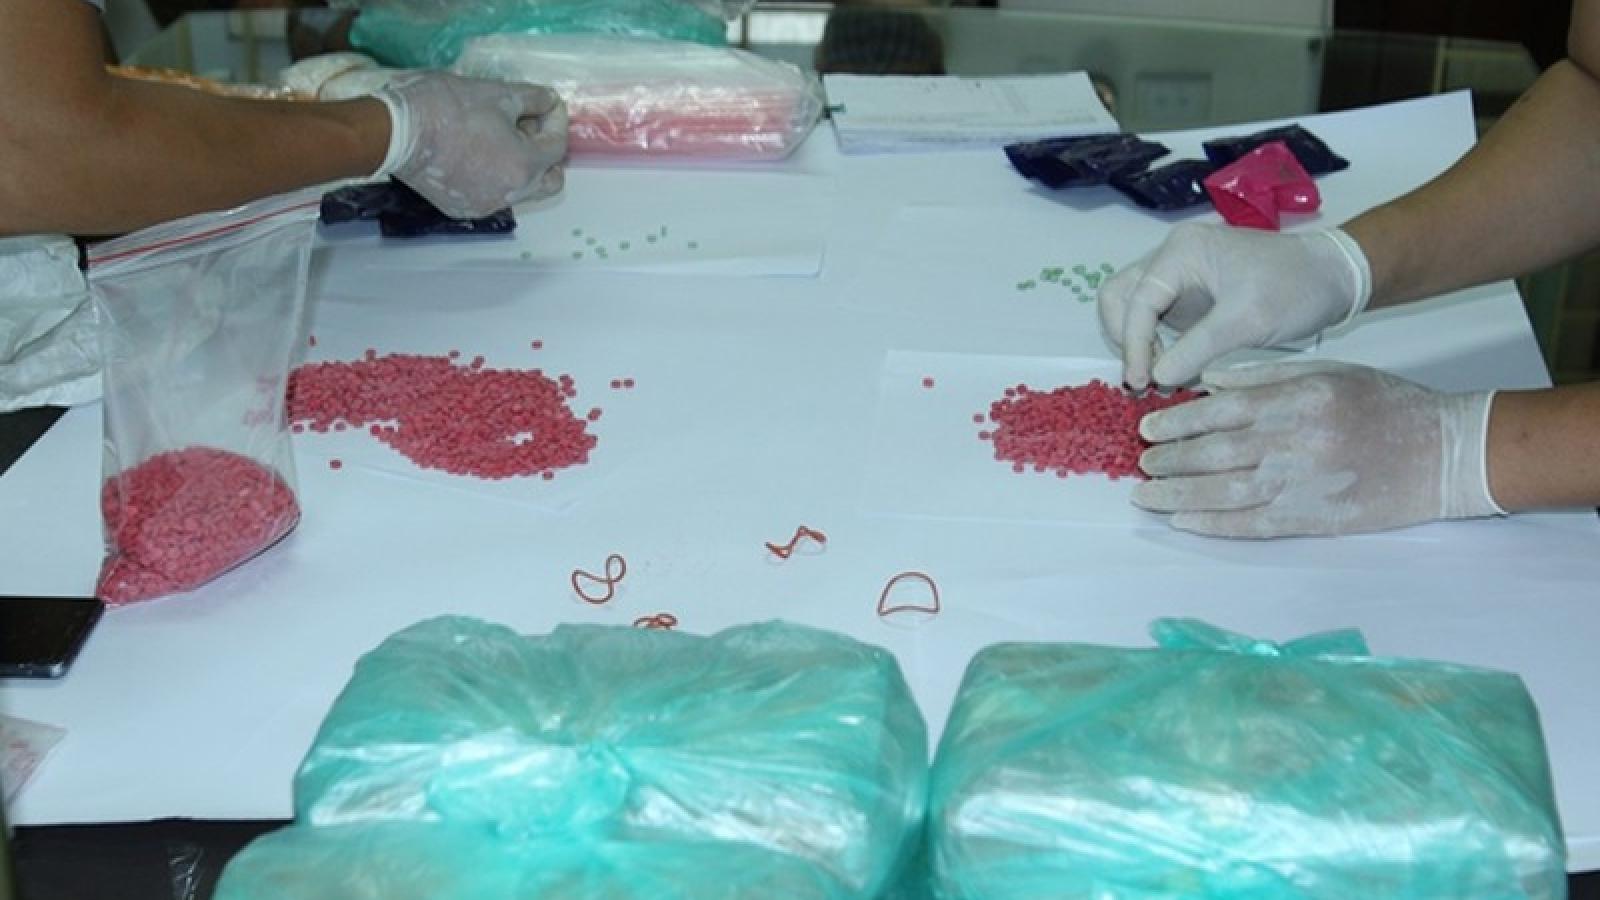 Lào Cai bắt 3 đối tượng vận chuyển hơn 80.000 viên ma túy tổng hợp